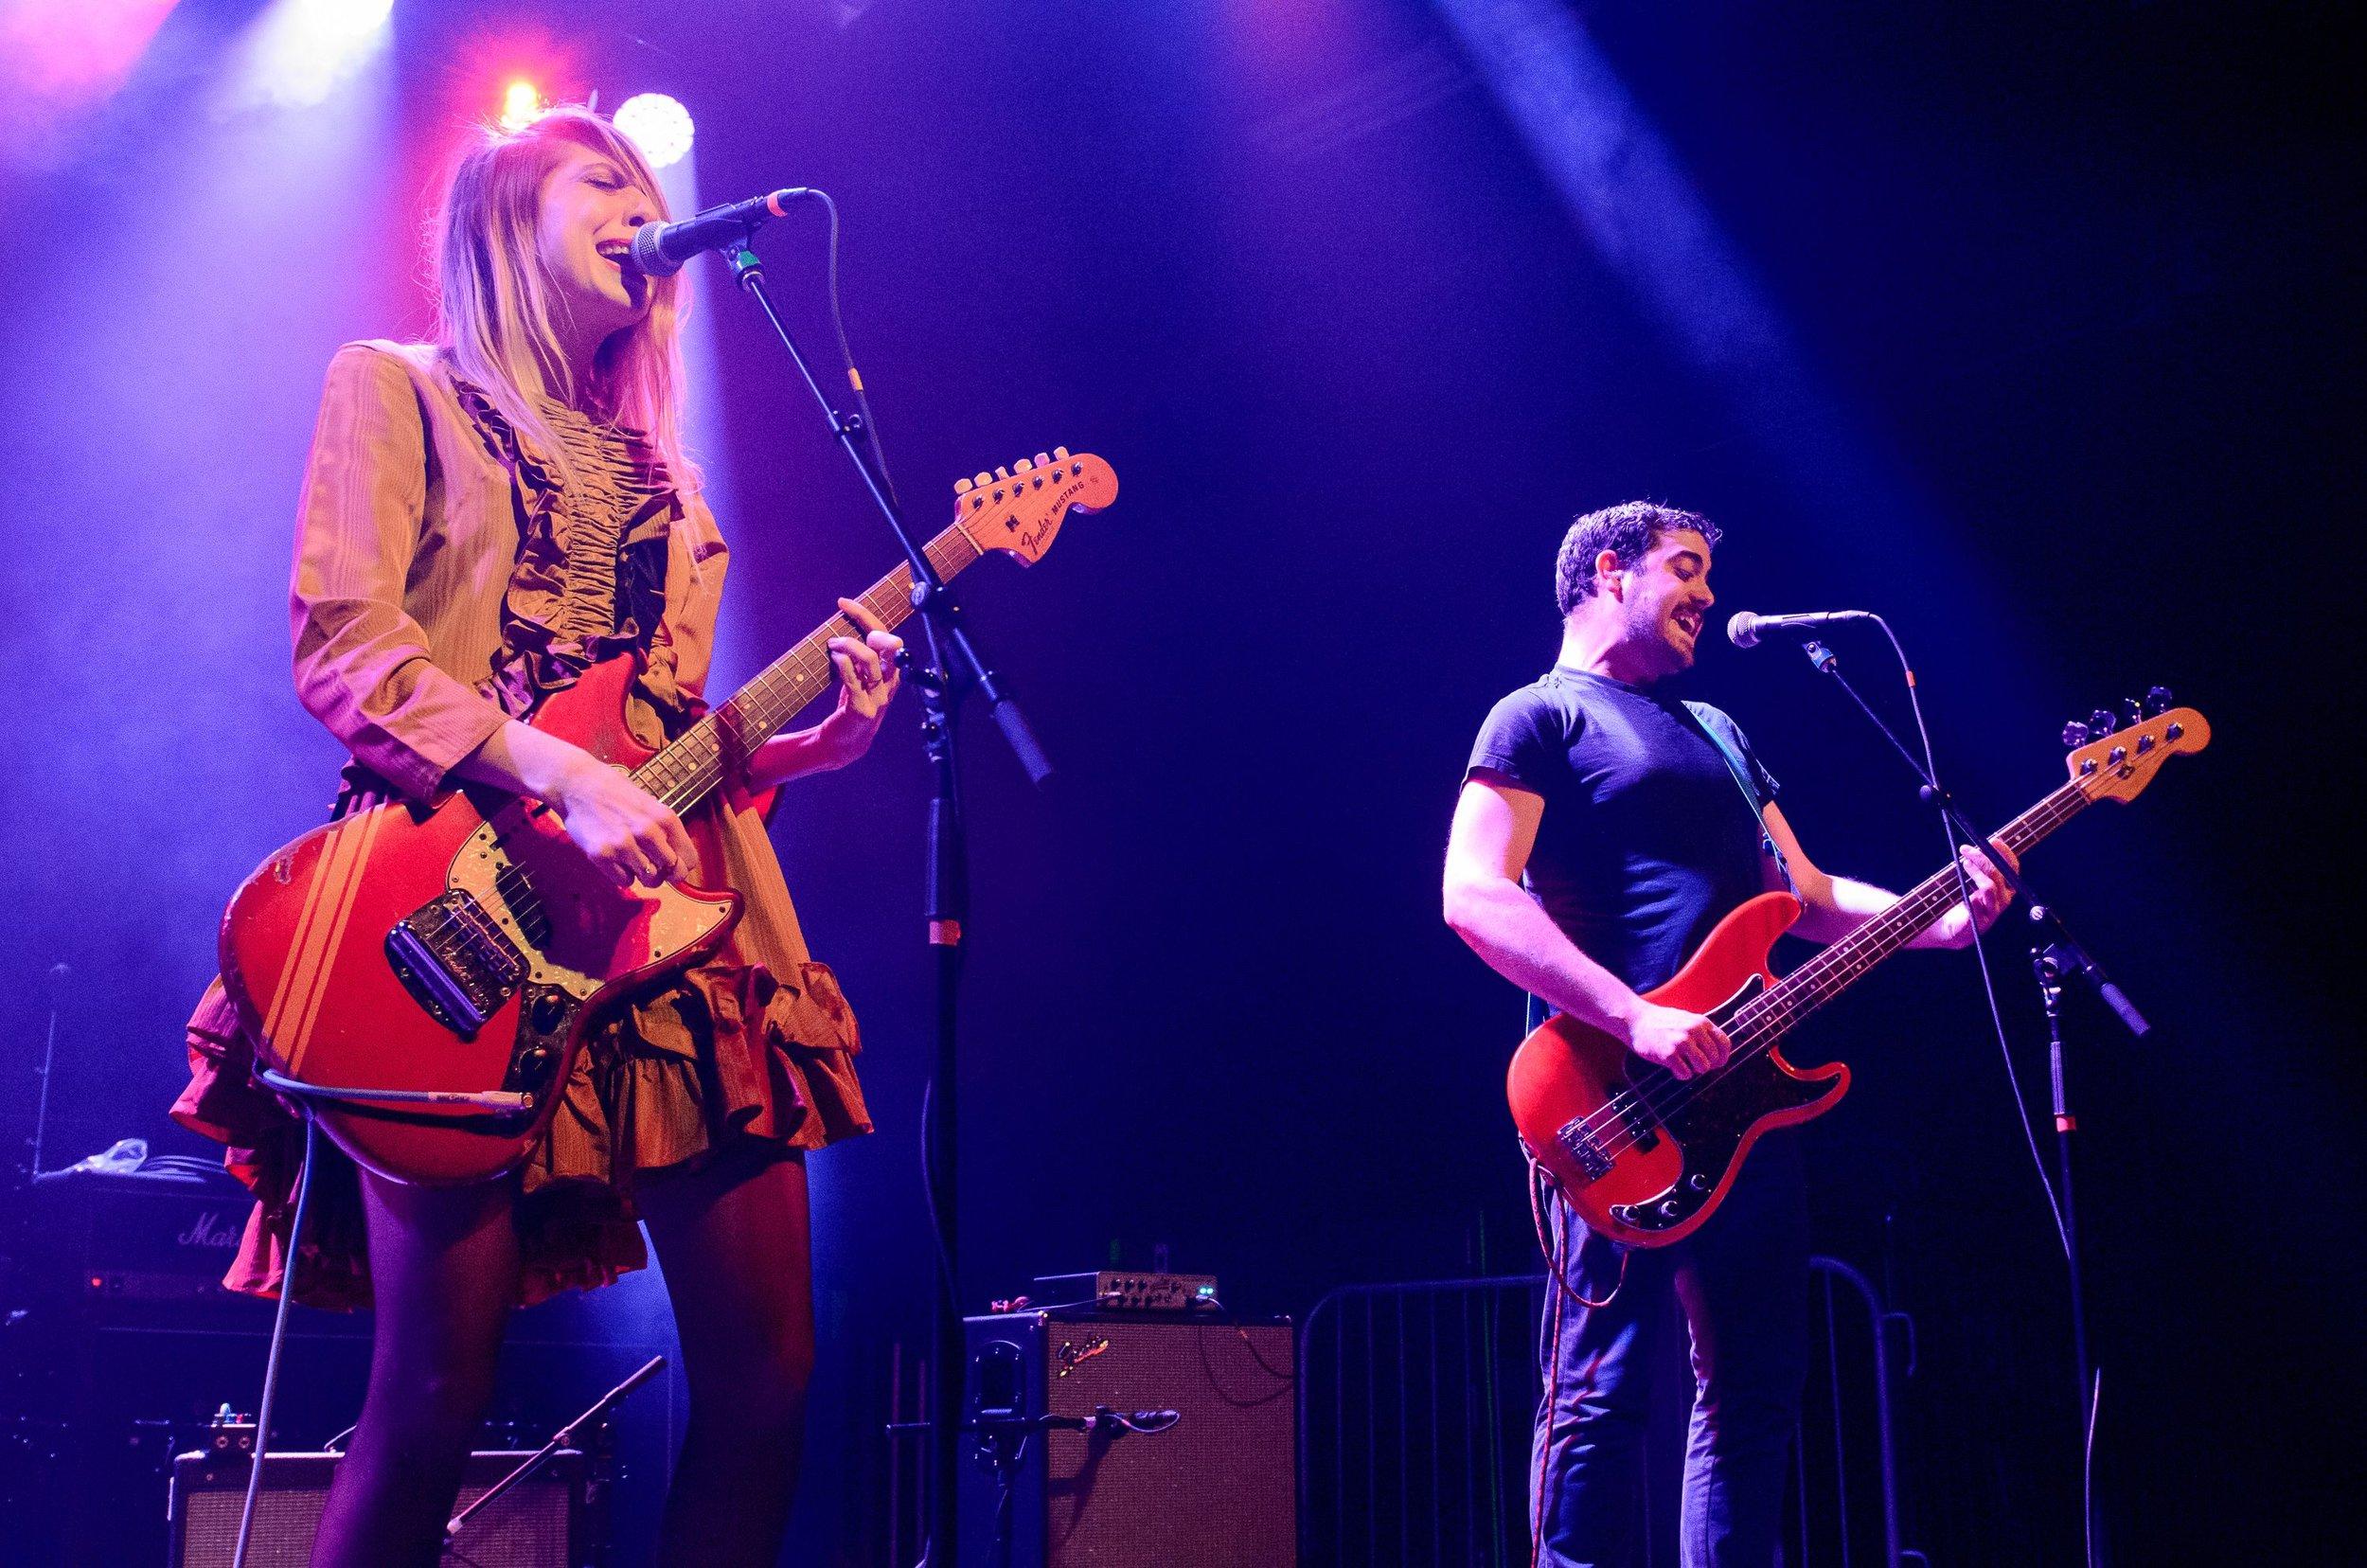 charly bliss eva hendricks kelsey randall brooklyn steel concert jawbreaker show reunion tour